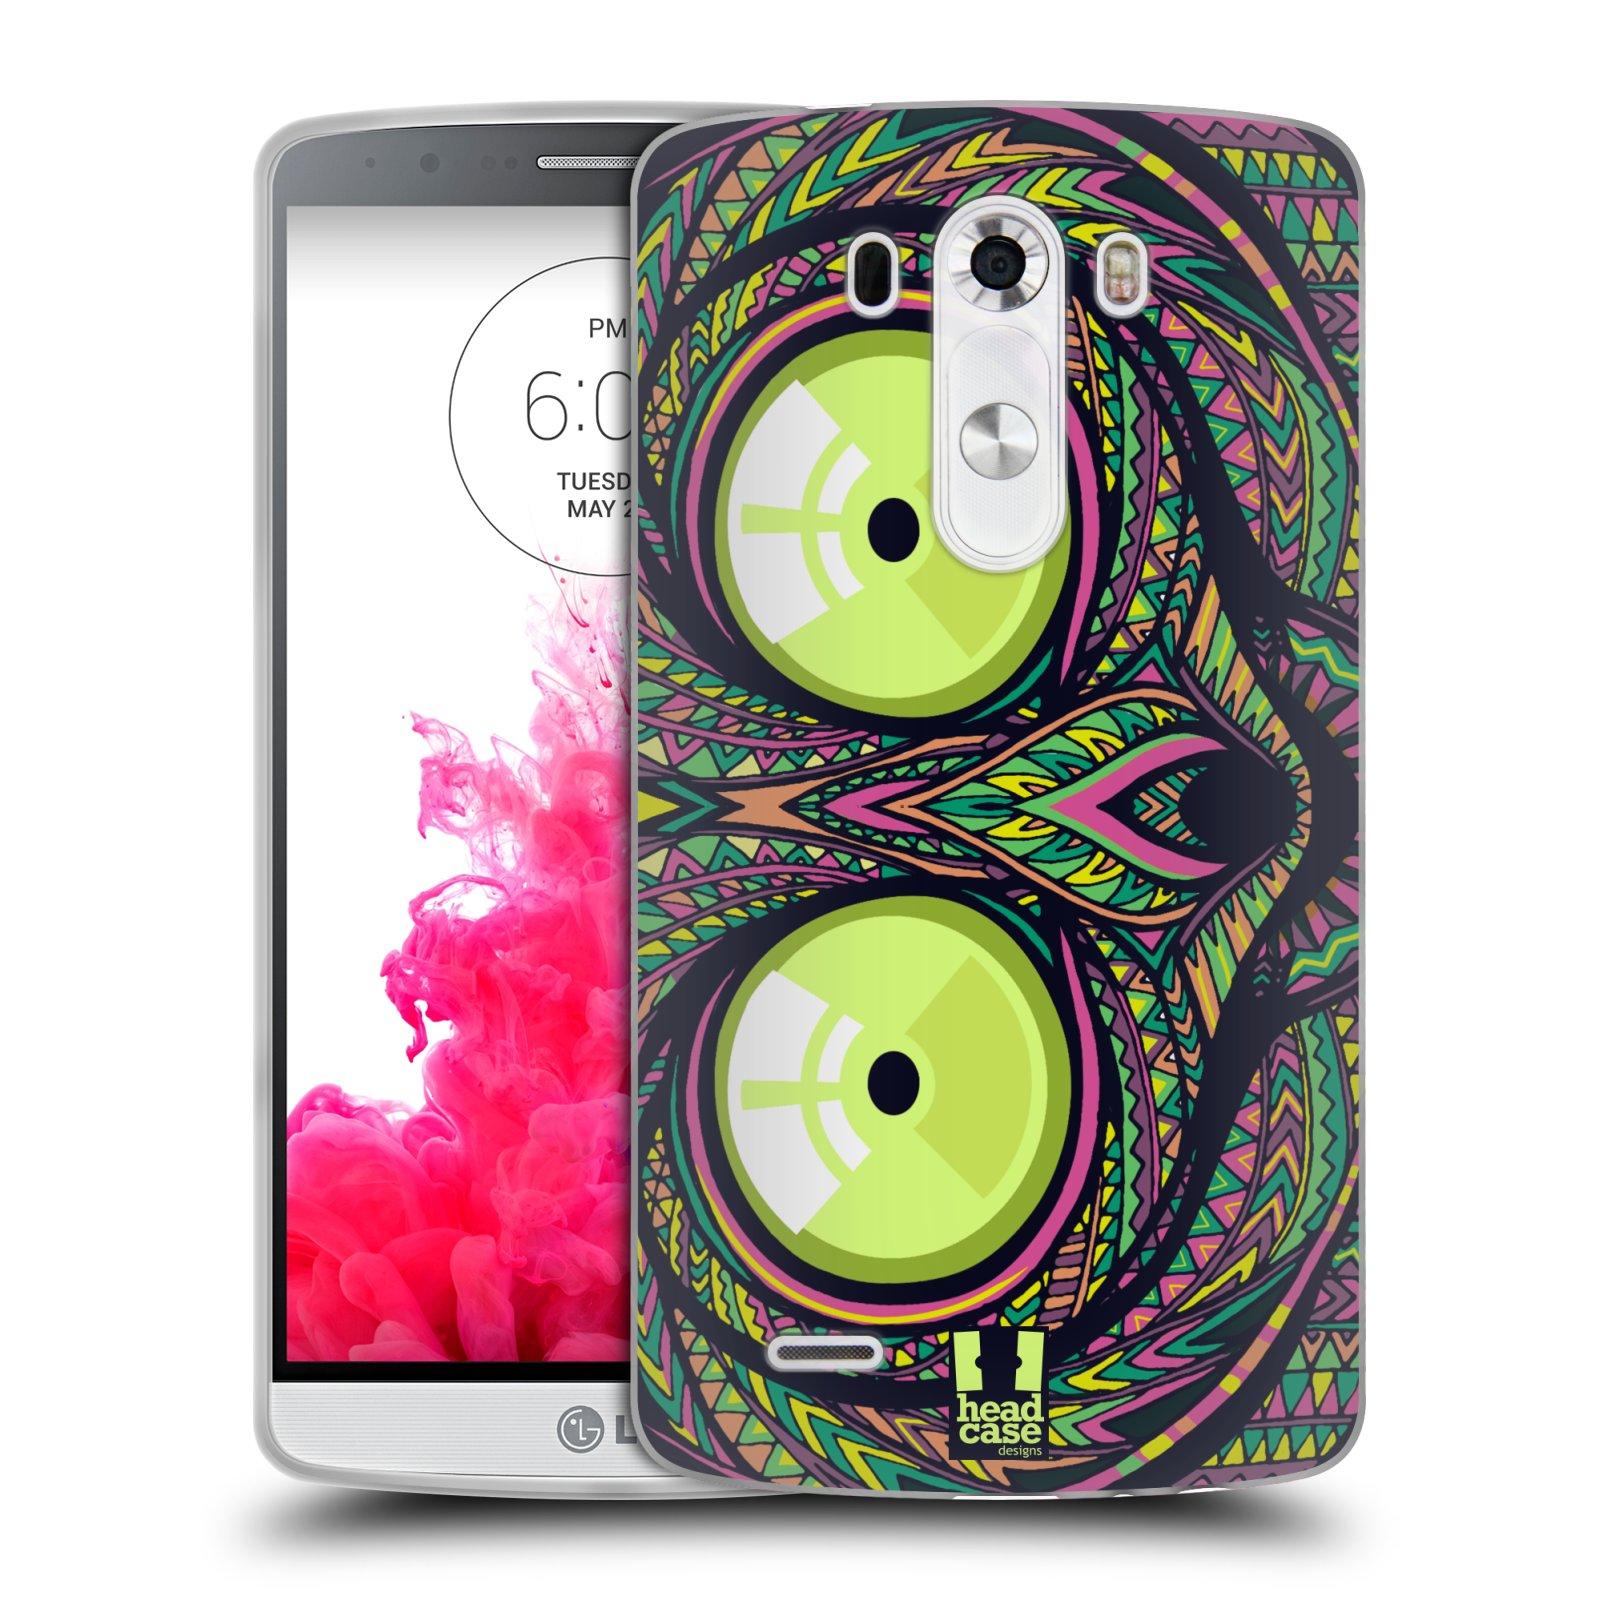 Silikonové pouzdro na mobil LG G3 HEAD CASE AZTEC NÁRTOUN (Silikonový kryt či obal na mobilní telefon LG G3 D855)